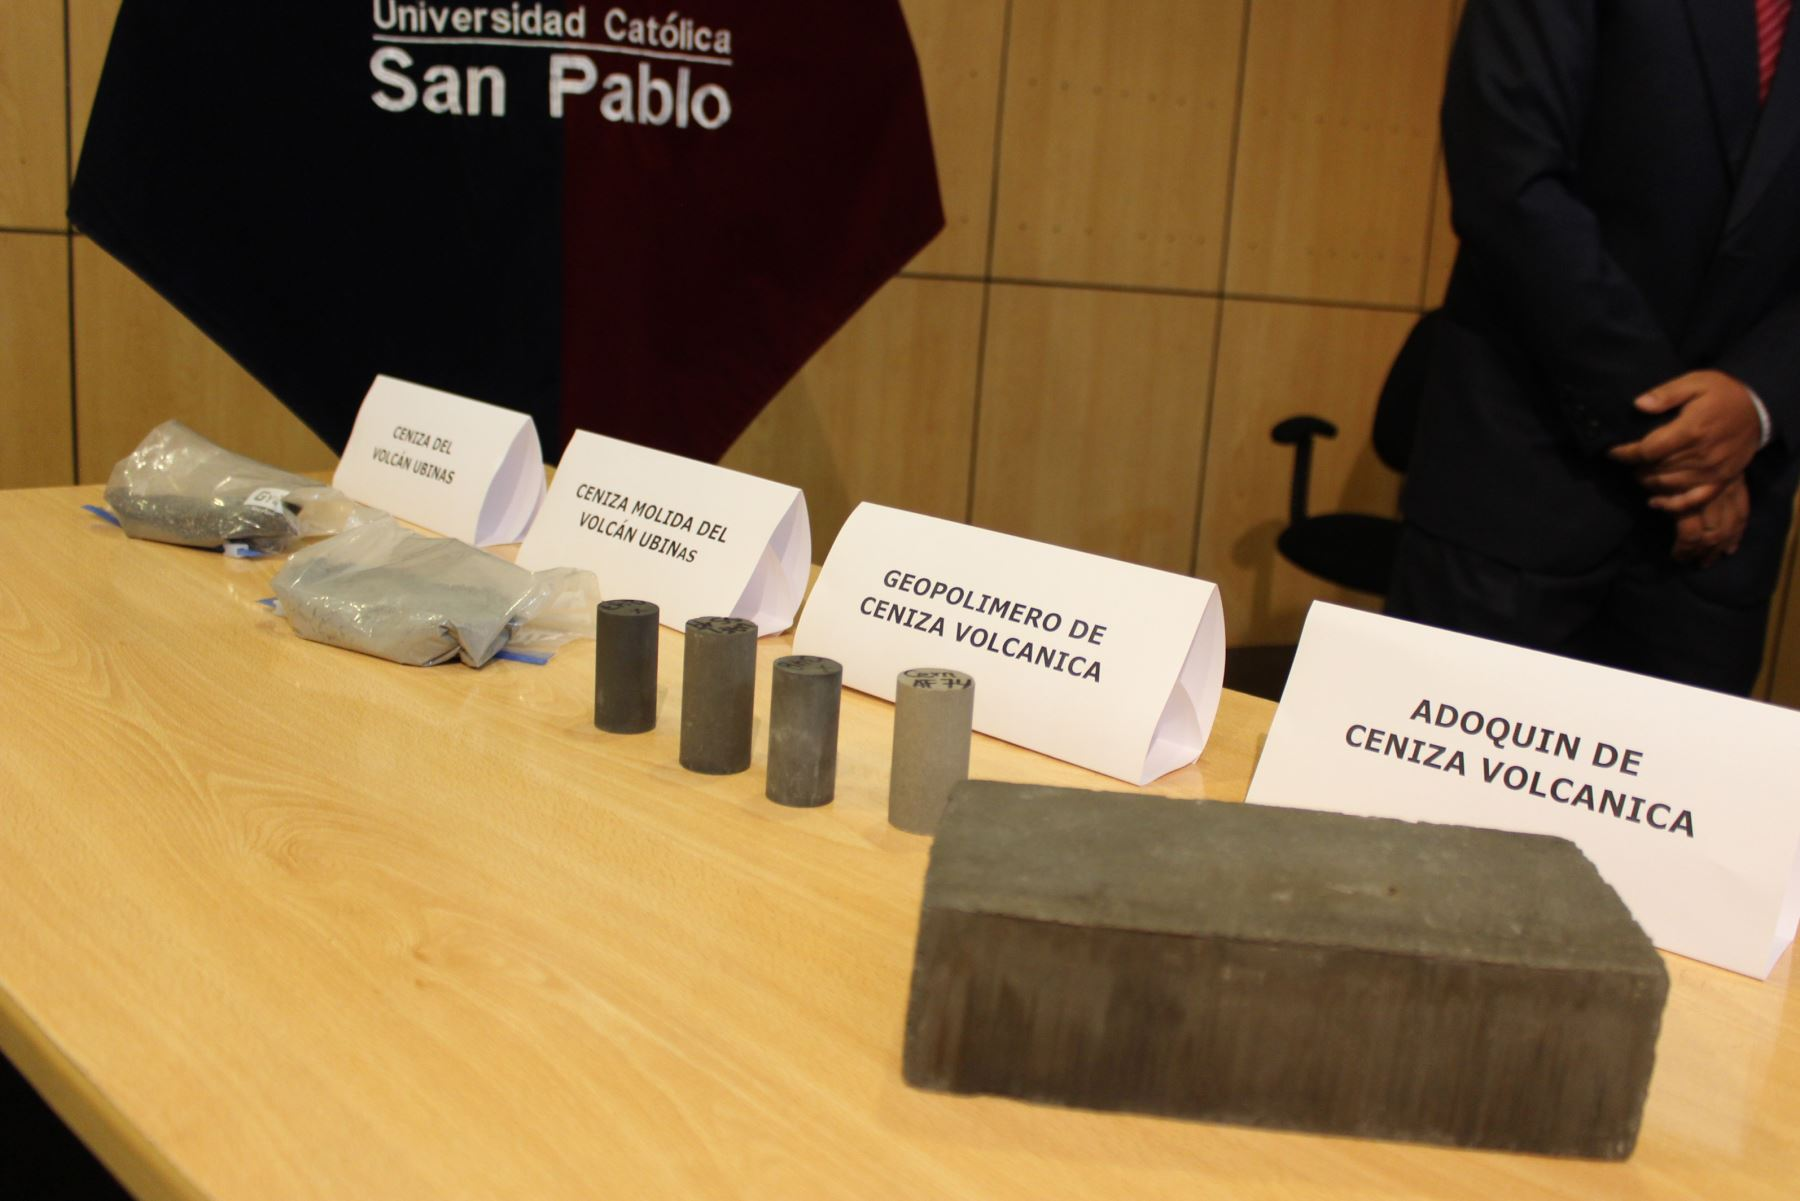 Investigadores de la Universidad Católica San Pablo de Arequipa lograron fabricar adoquines con ceniza volcánica, que pueden ser utilizados en la industria de la construcción. Foto: UCSP